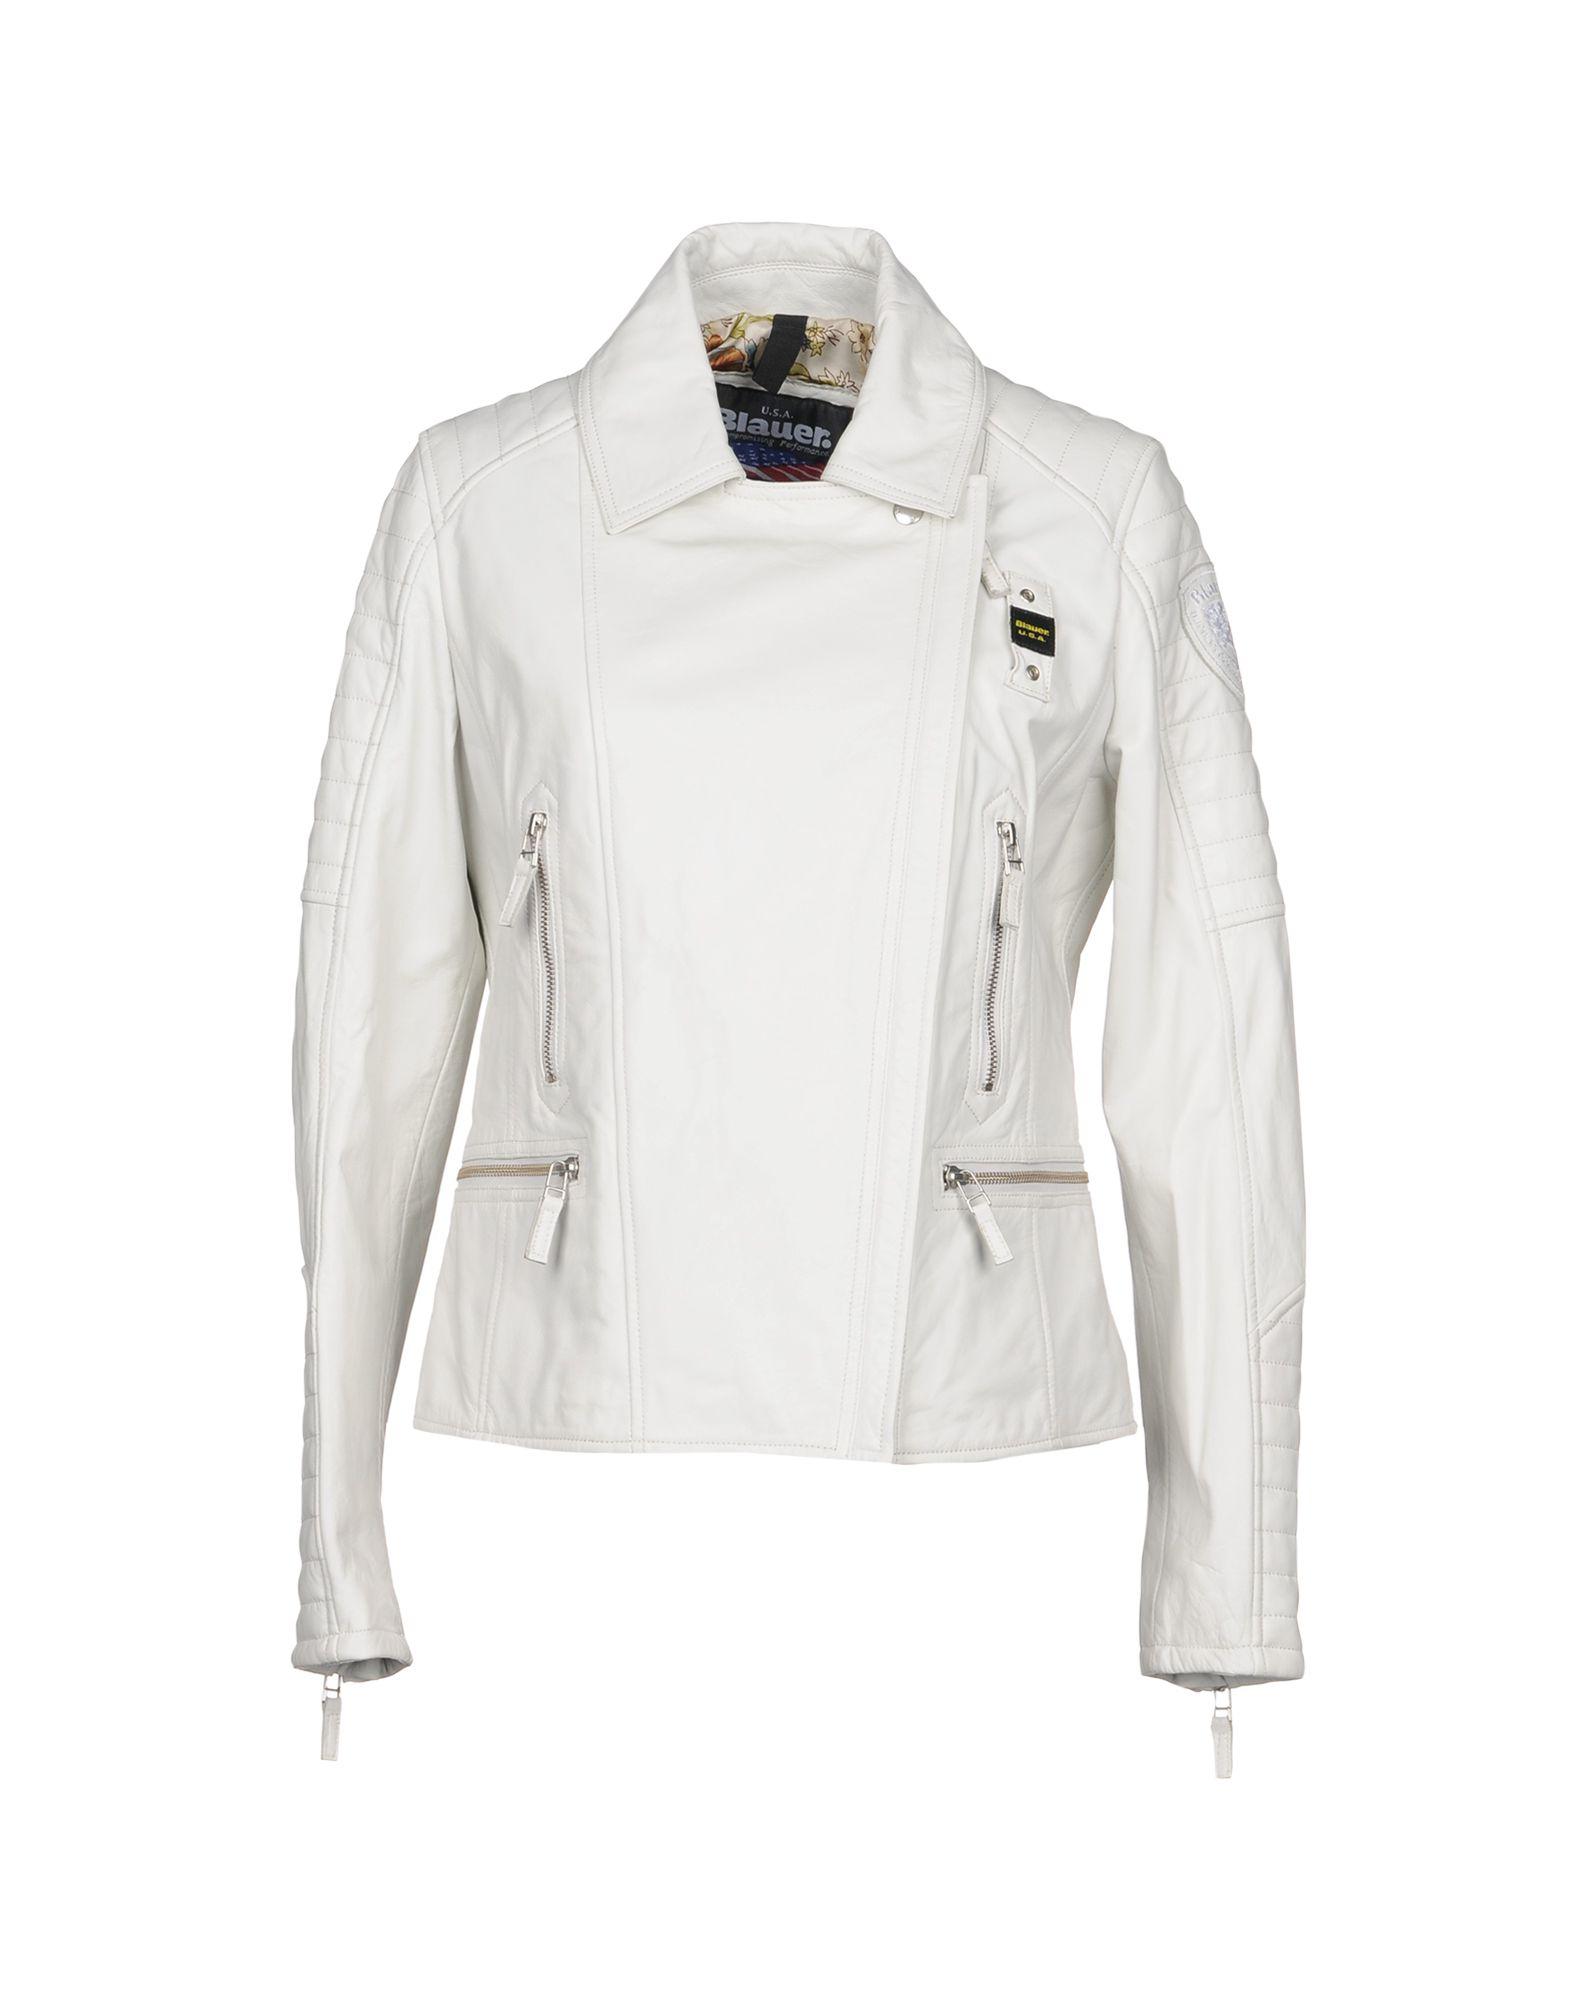 BLAUER Куртка фильтр на приус 23300 74330